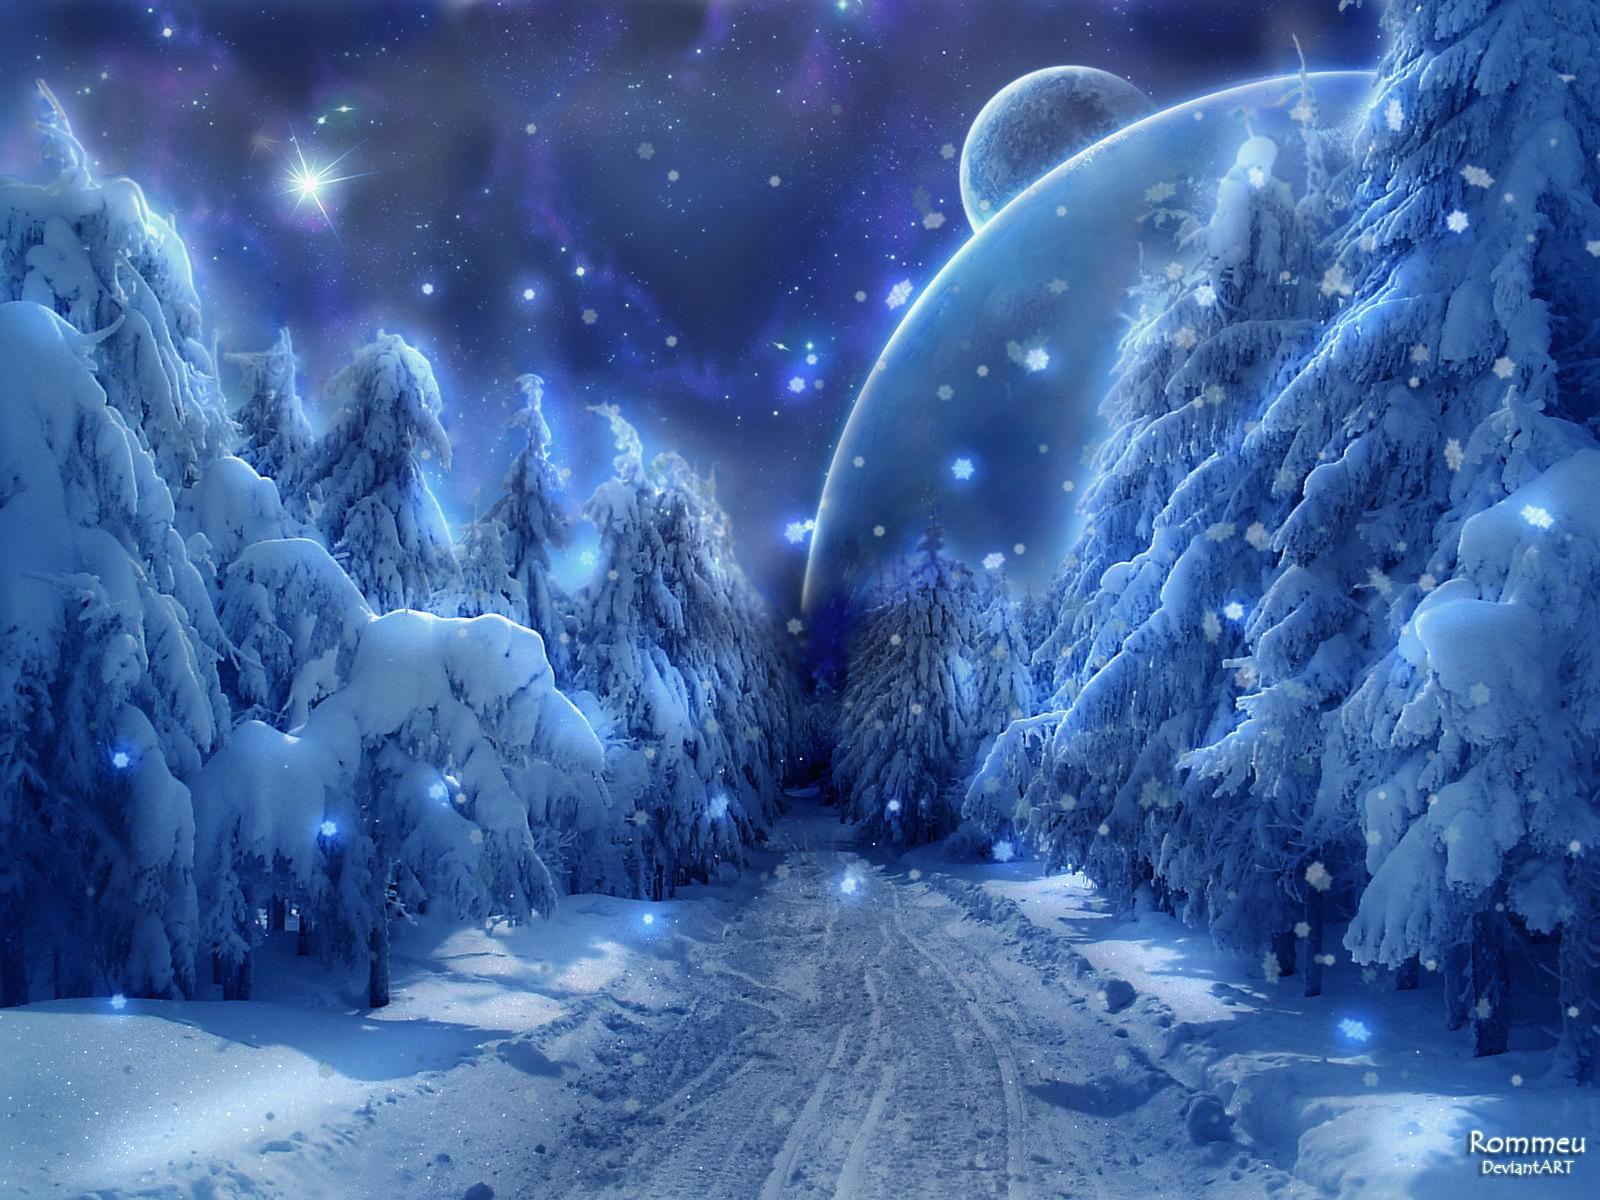 Sky in Snow by Rommeu